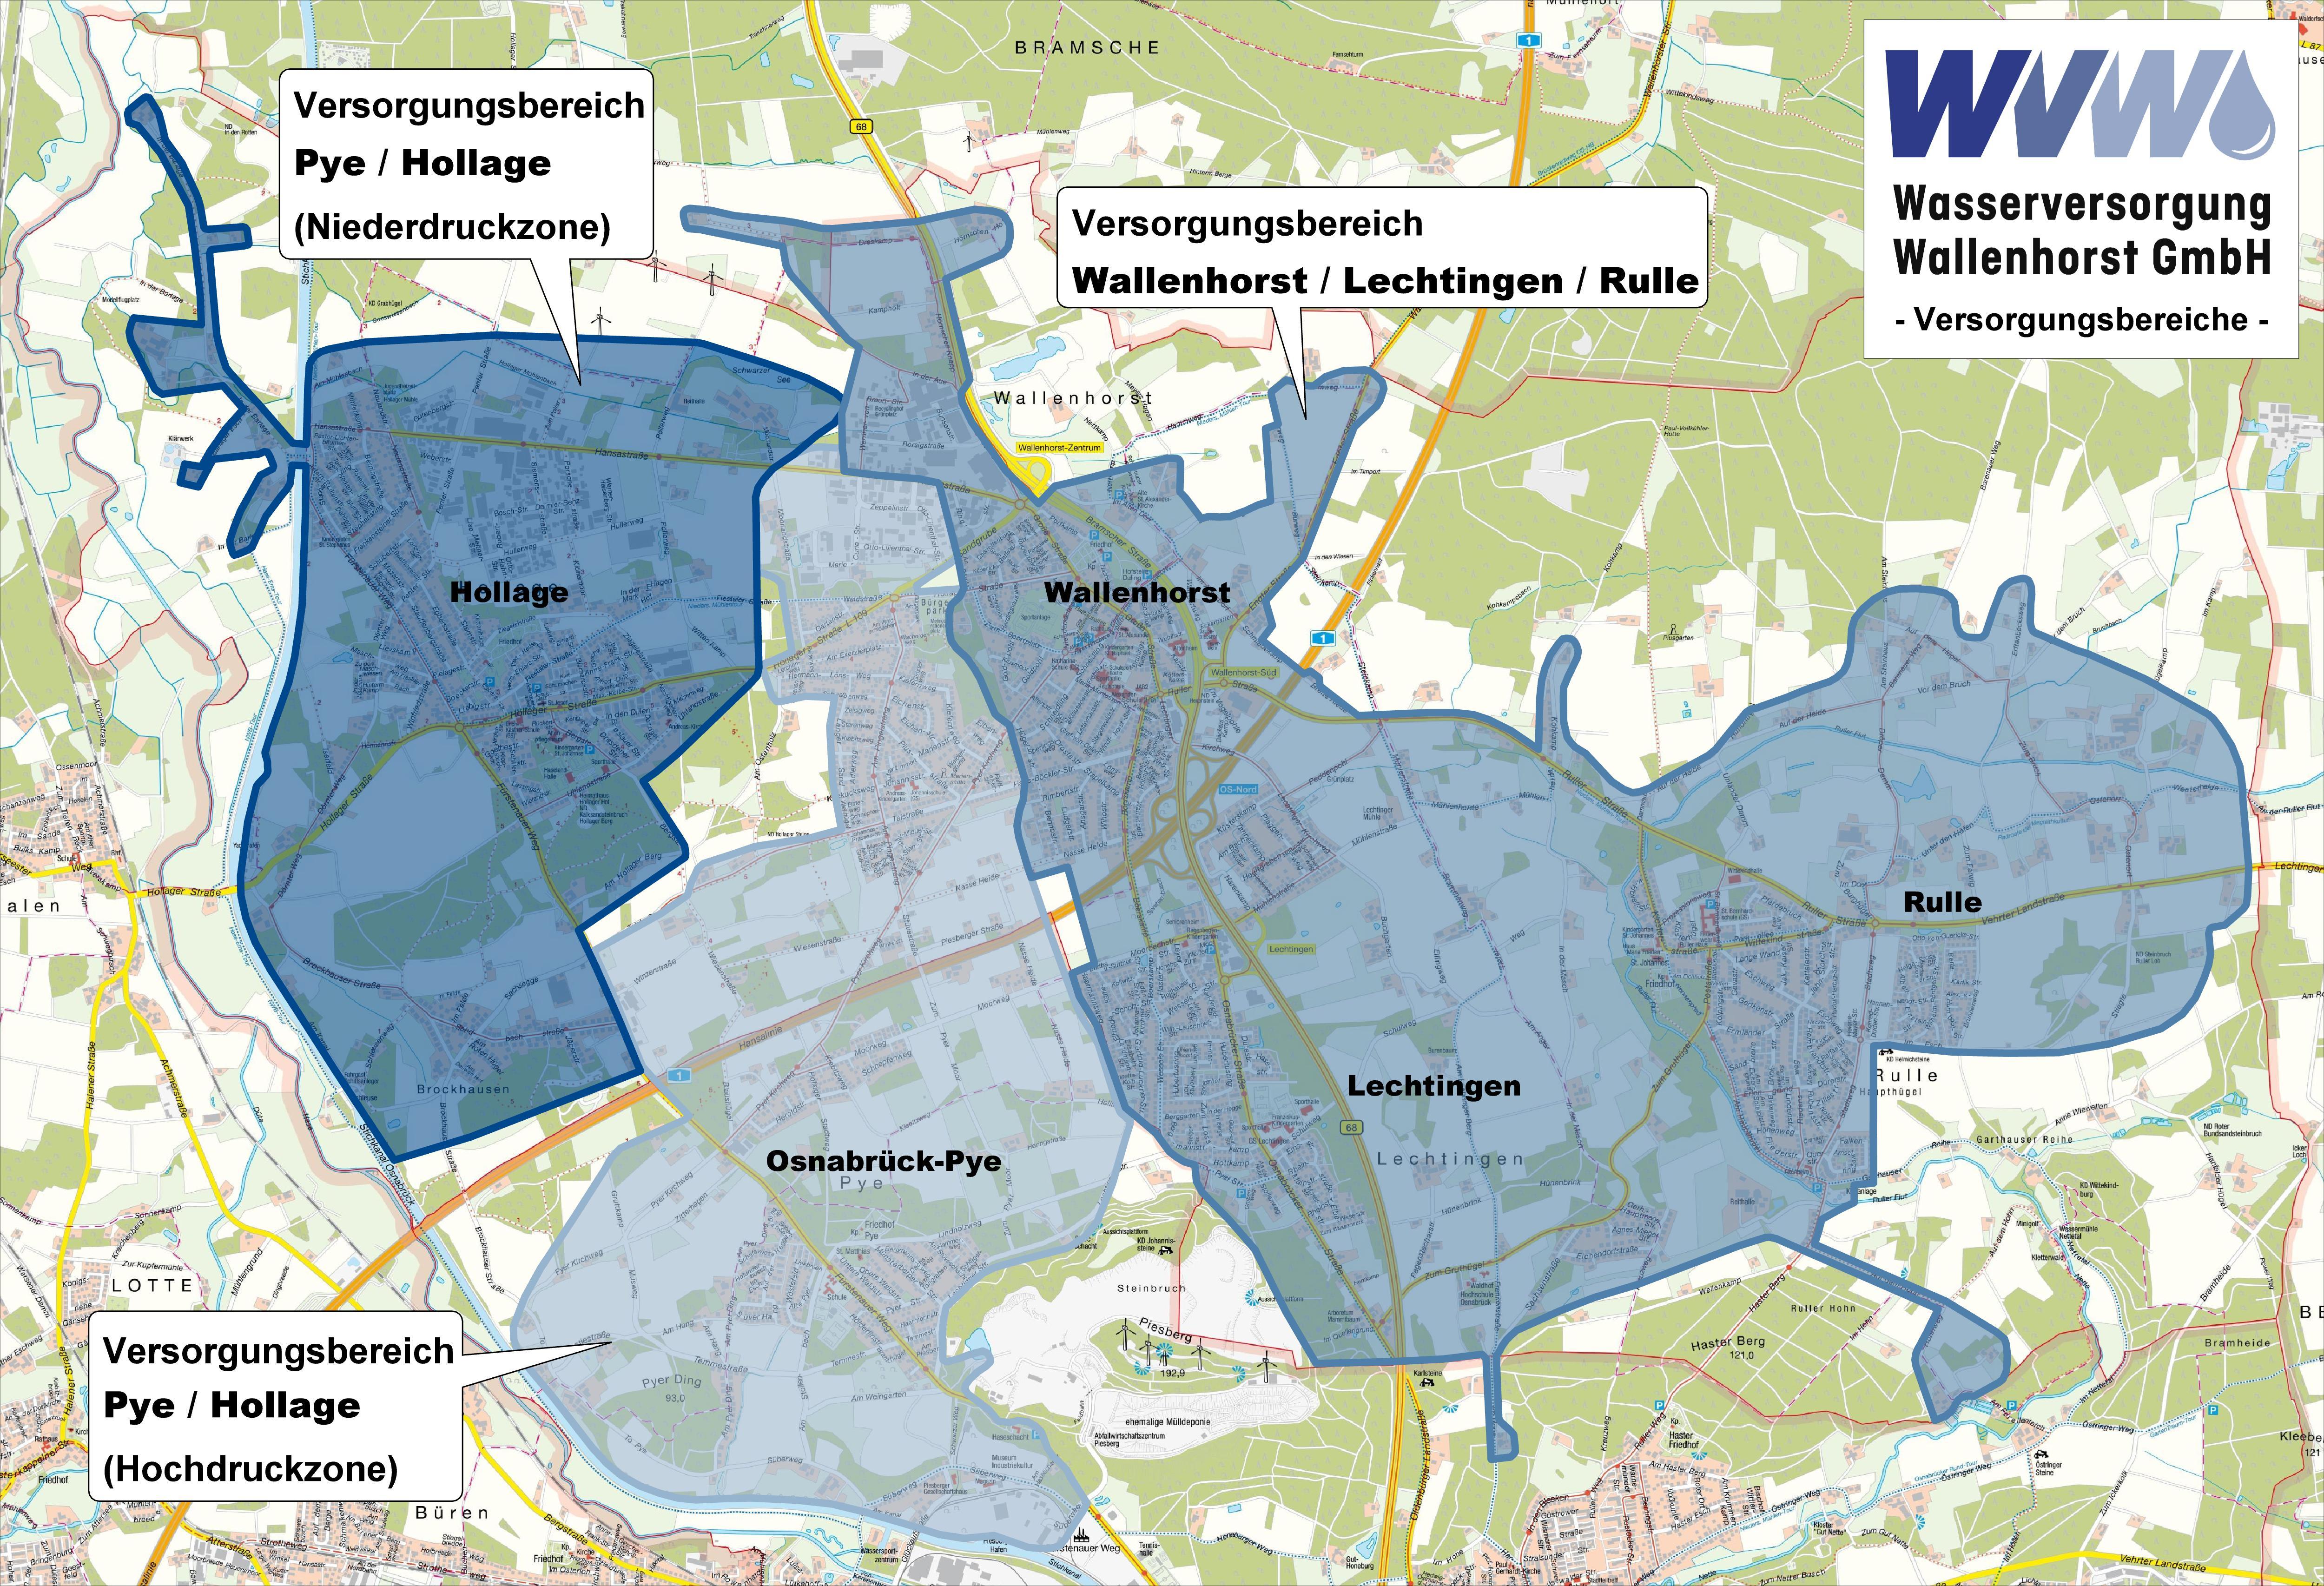 Versorgungsbereiche der WVW GmbH